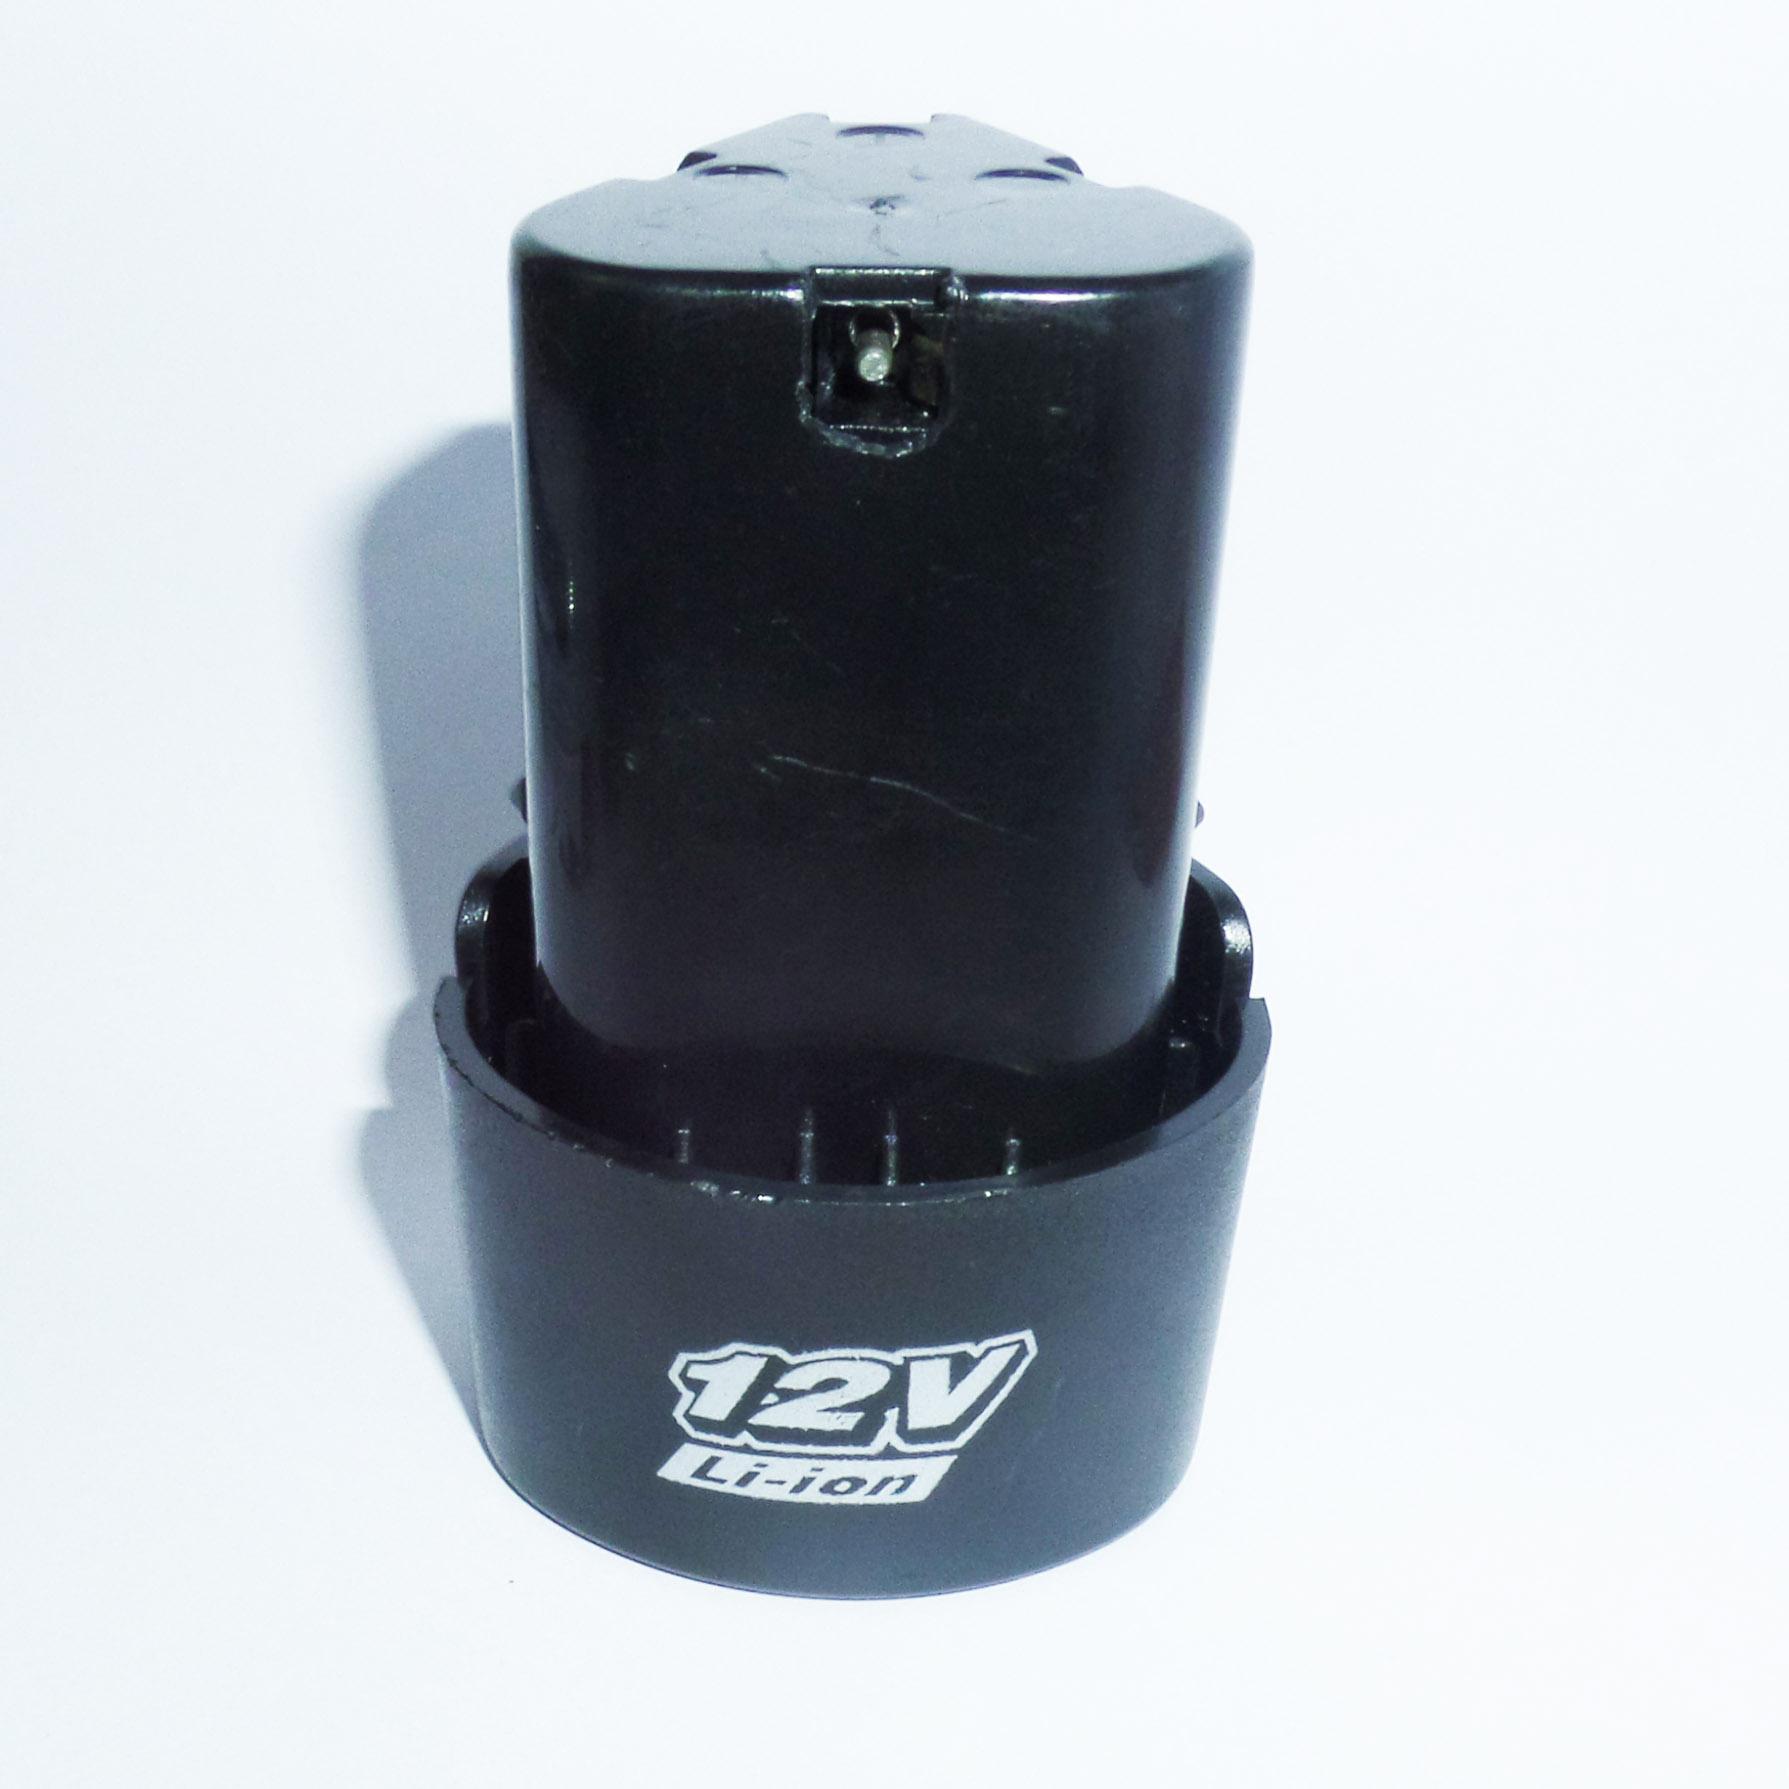 Pin Li-ion MAKITA 12V - dung lượng 2.5AH - Dòng xả 20A Chuyên dùng cho các máy khoan MAKITA 12V Series (Thay thế pin cho máy khoan TQ VOTO 12V...)